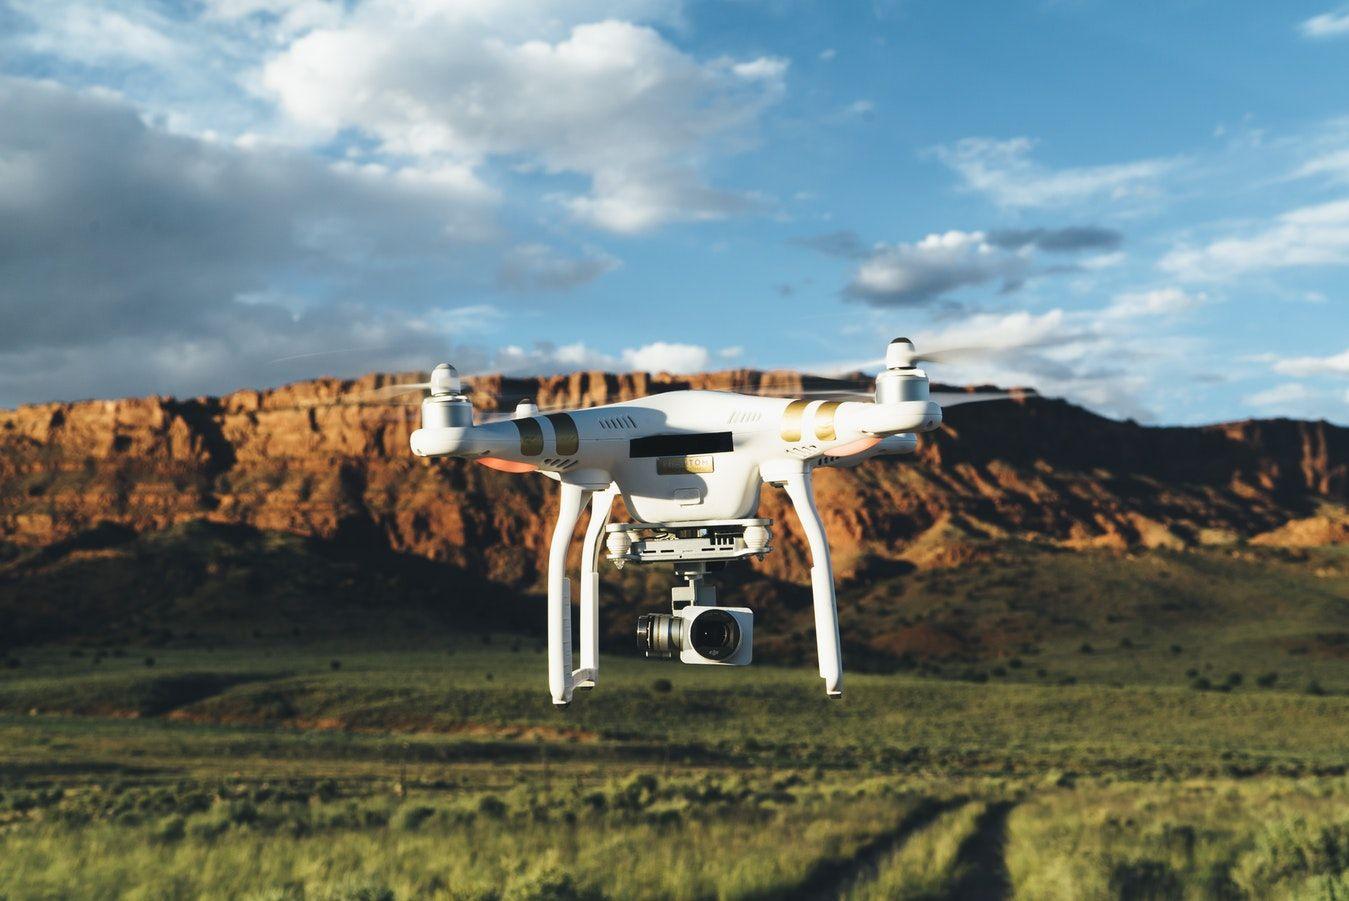 Foto de Dron volando sobre un terreno rural